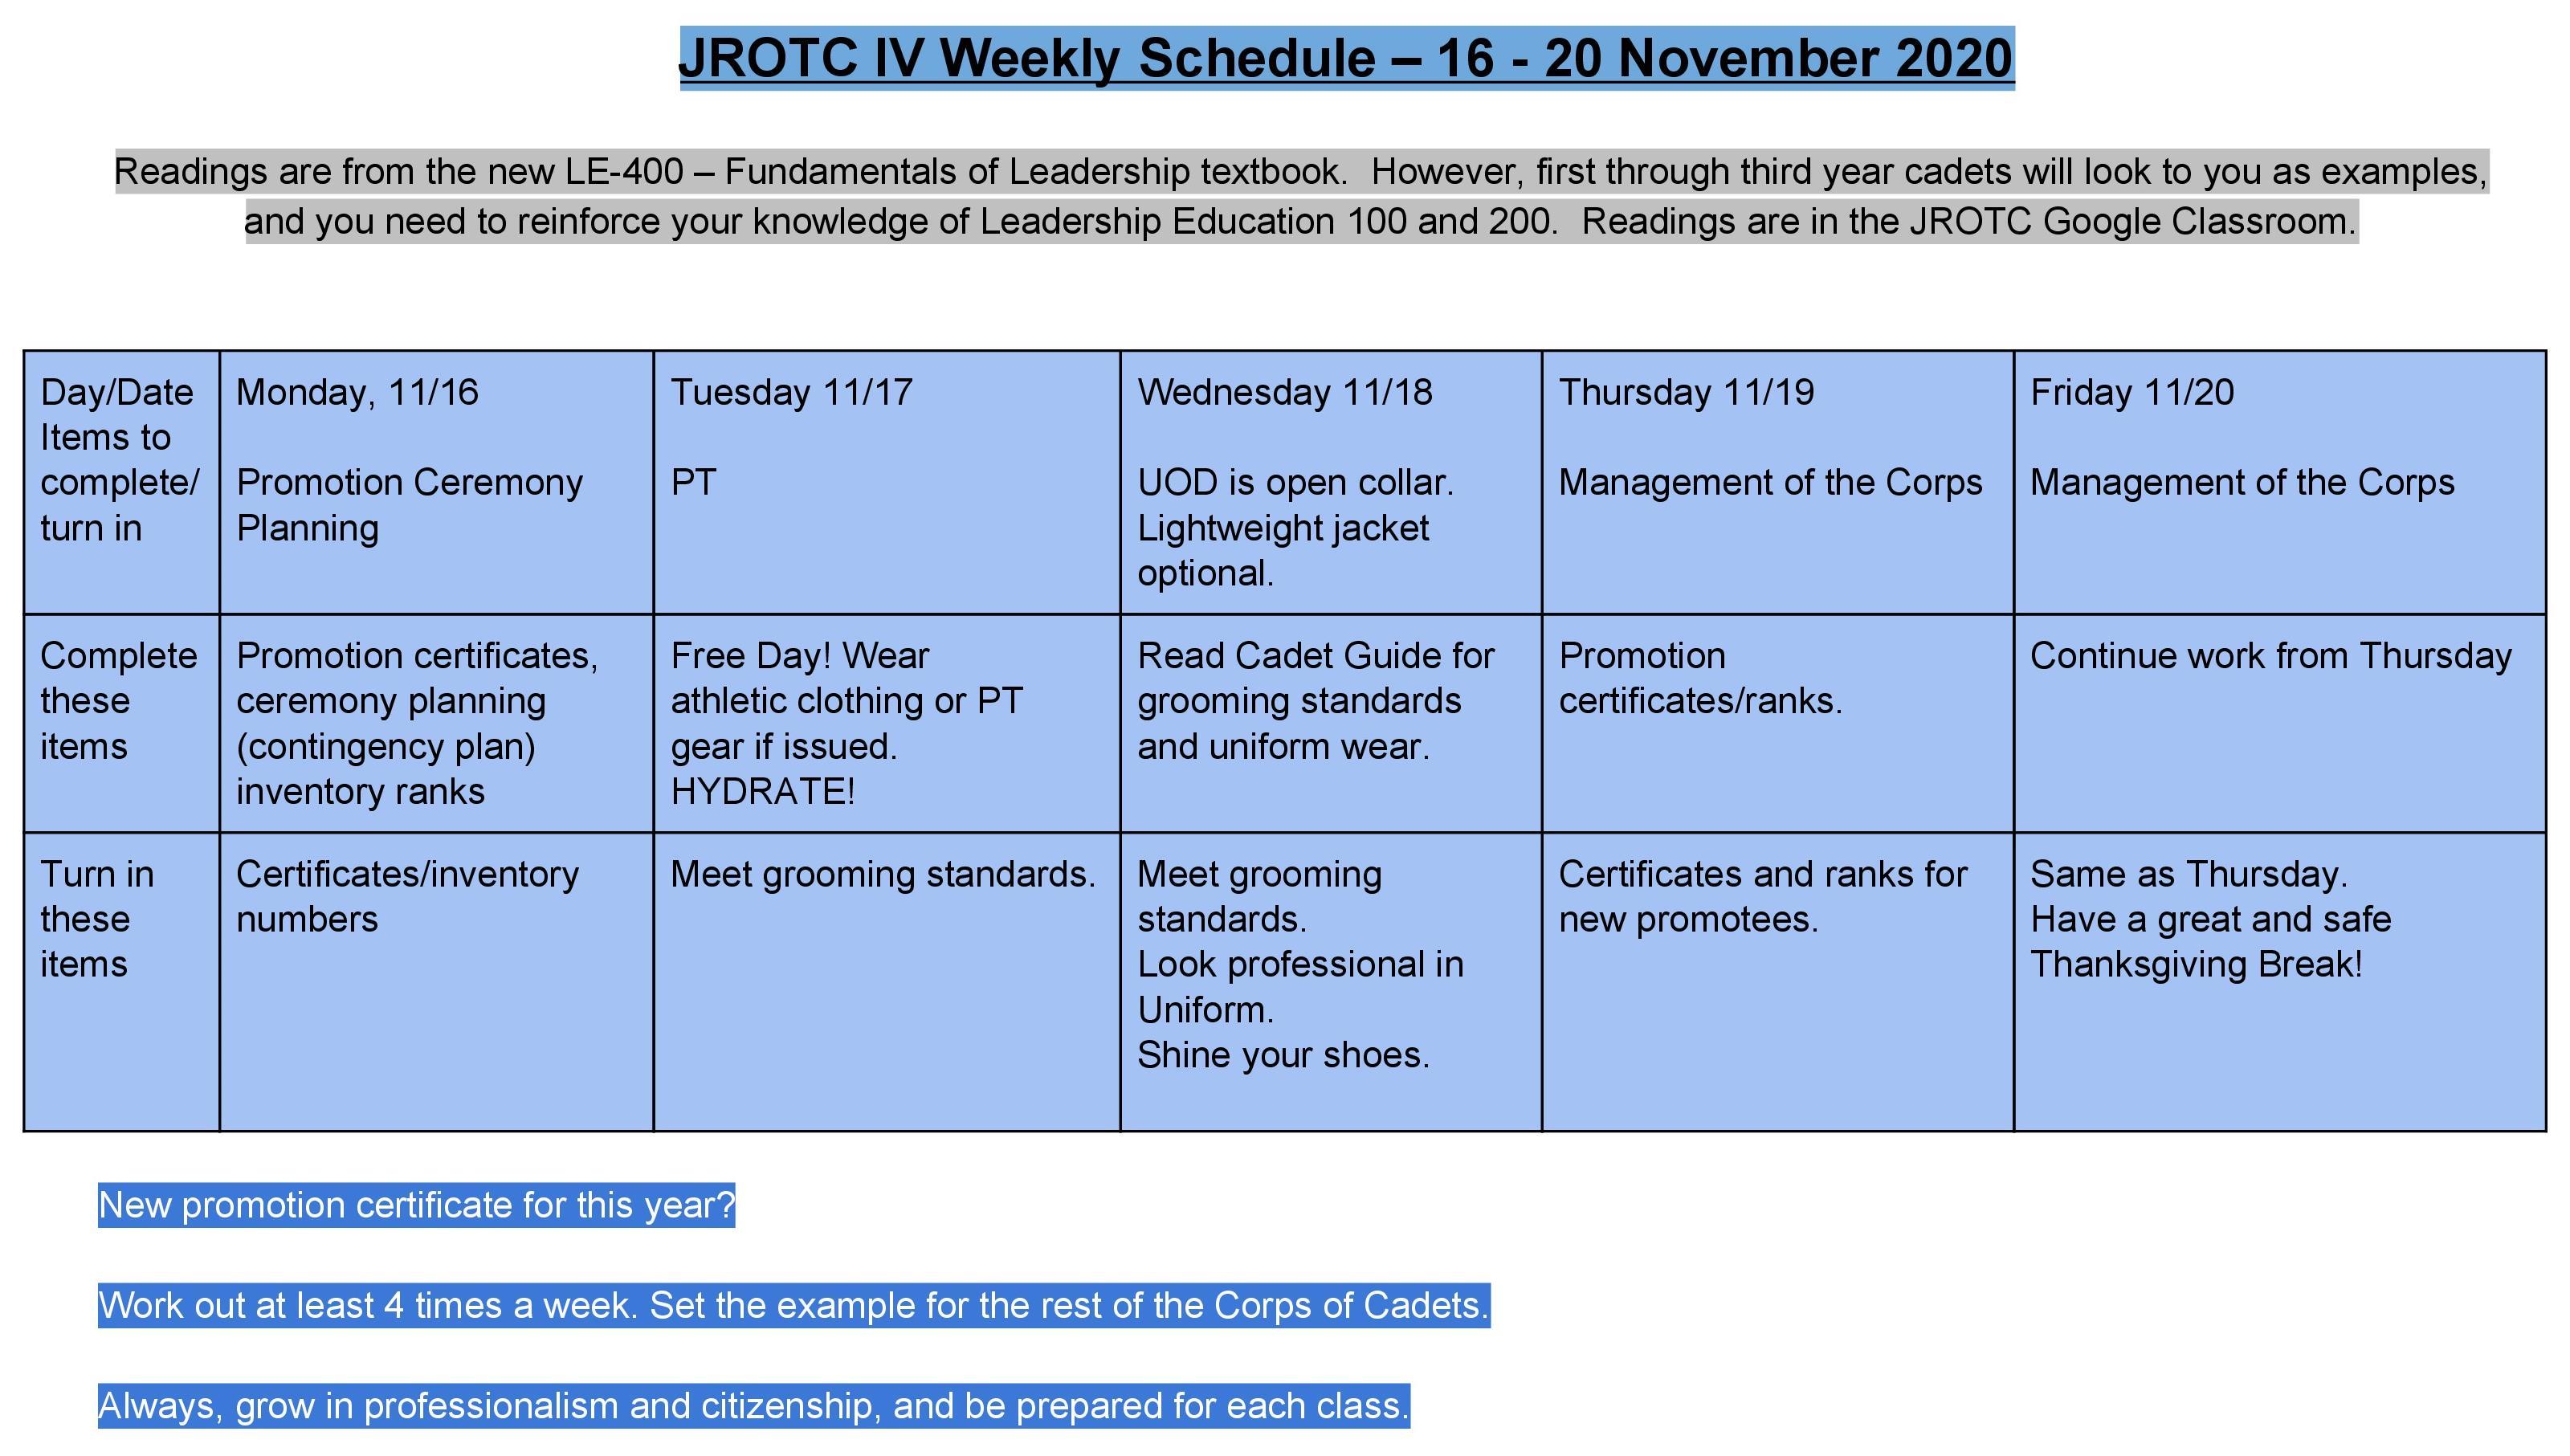 16-20 November 2020